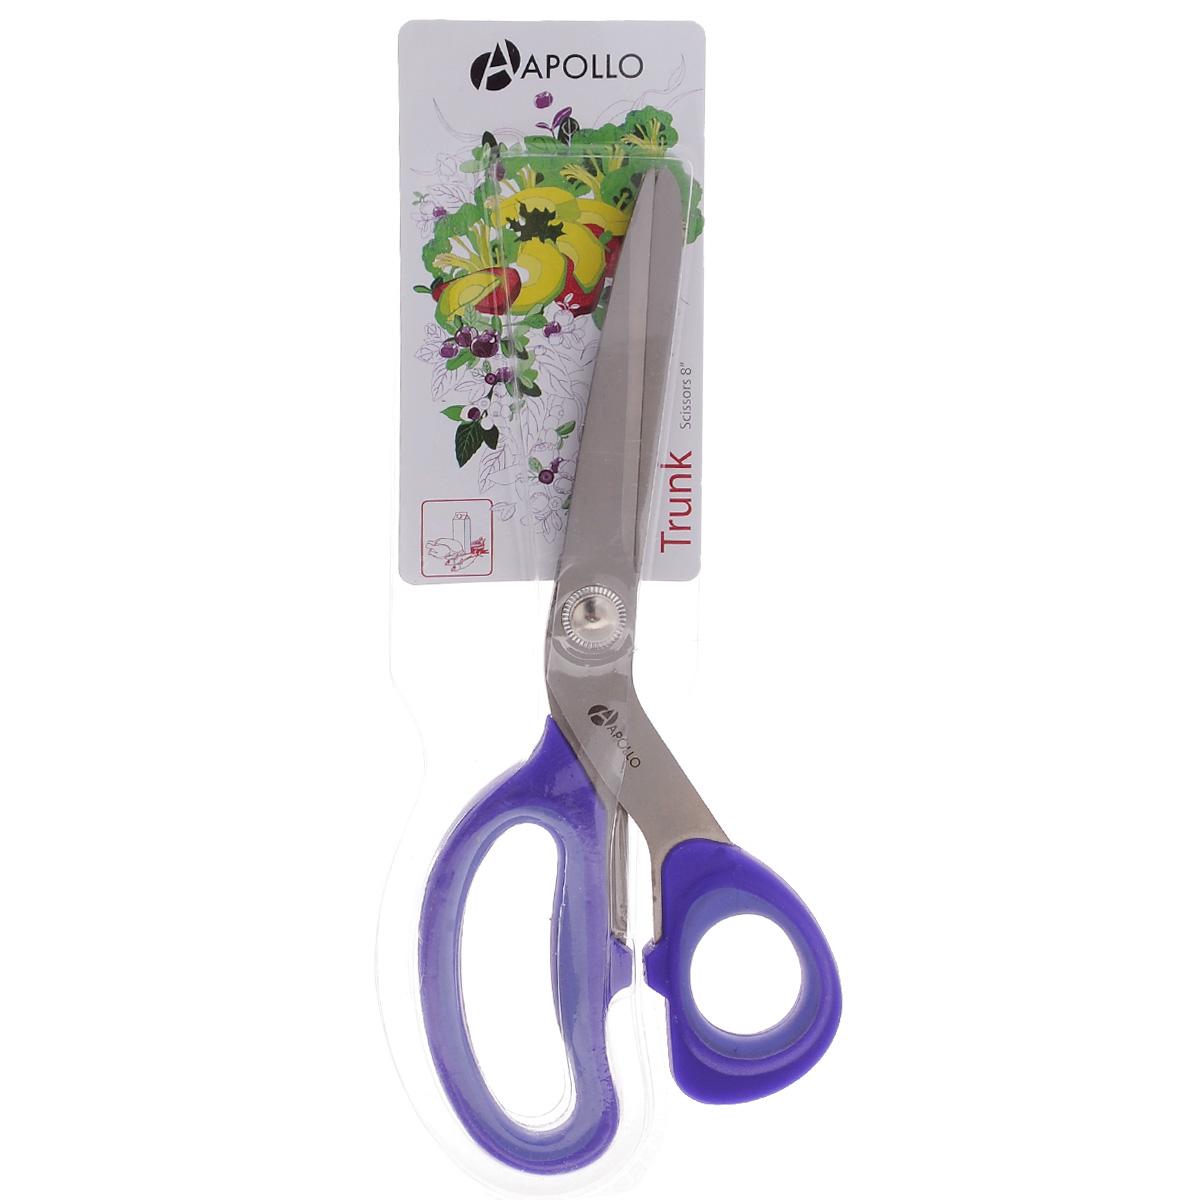 Ножницы Apollo Trunk, цвет: сиреневый, длина 21 смTRN-99Ножницы Apollo Trunk, изготовленные из нержавеющей стали и пищевого пластика, это универсальный помощник в вашем доме. Такие ножницы предназначены для домашнего использования на кухне. Кухонные ножницы - необходимая вещь на вашей кухне. Измельчить зелень для салата, разделать тушку курицы или утки, вскрыть пакет с молоком, срезать плавники у рыбы - все это намного проще и быстрее сделать не ножом, а ножницами. Не использовать в посудомоечной машине. Длина ножниц: 21 см. Длина лезвий: 8,5 см.